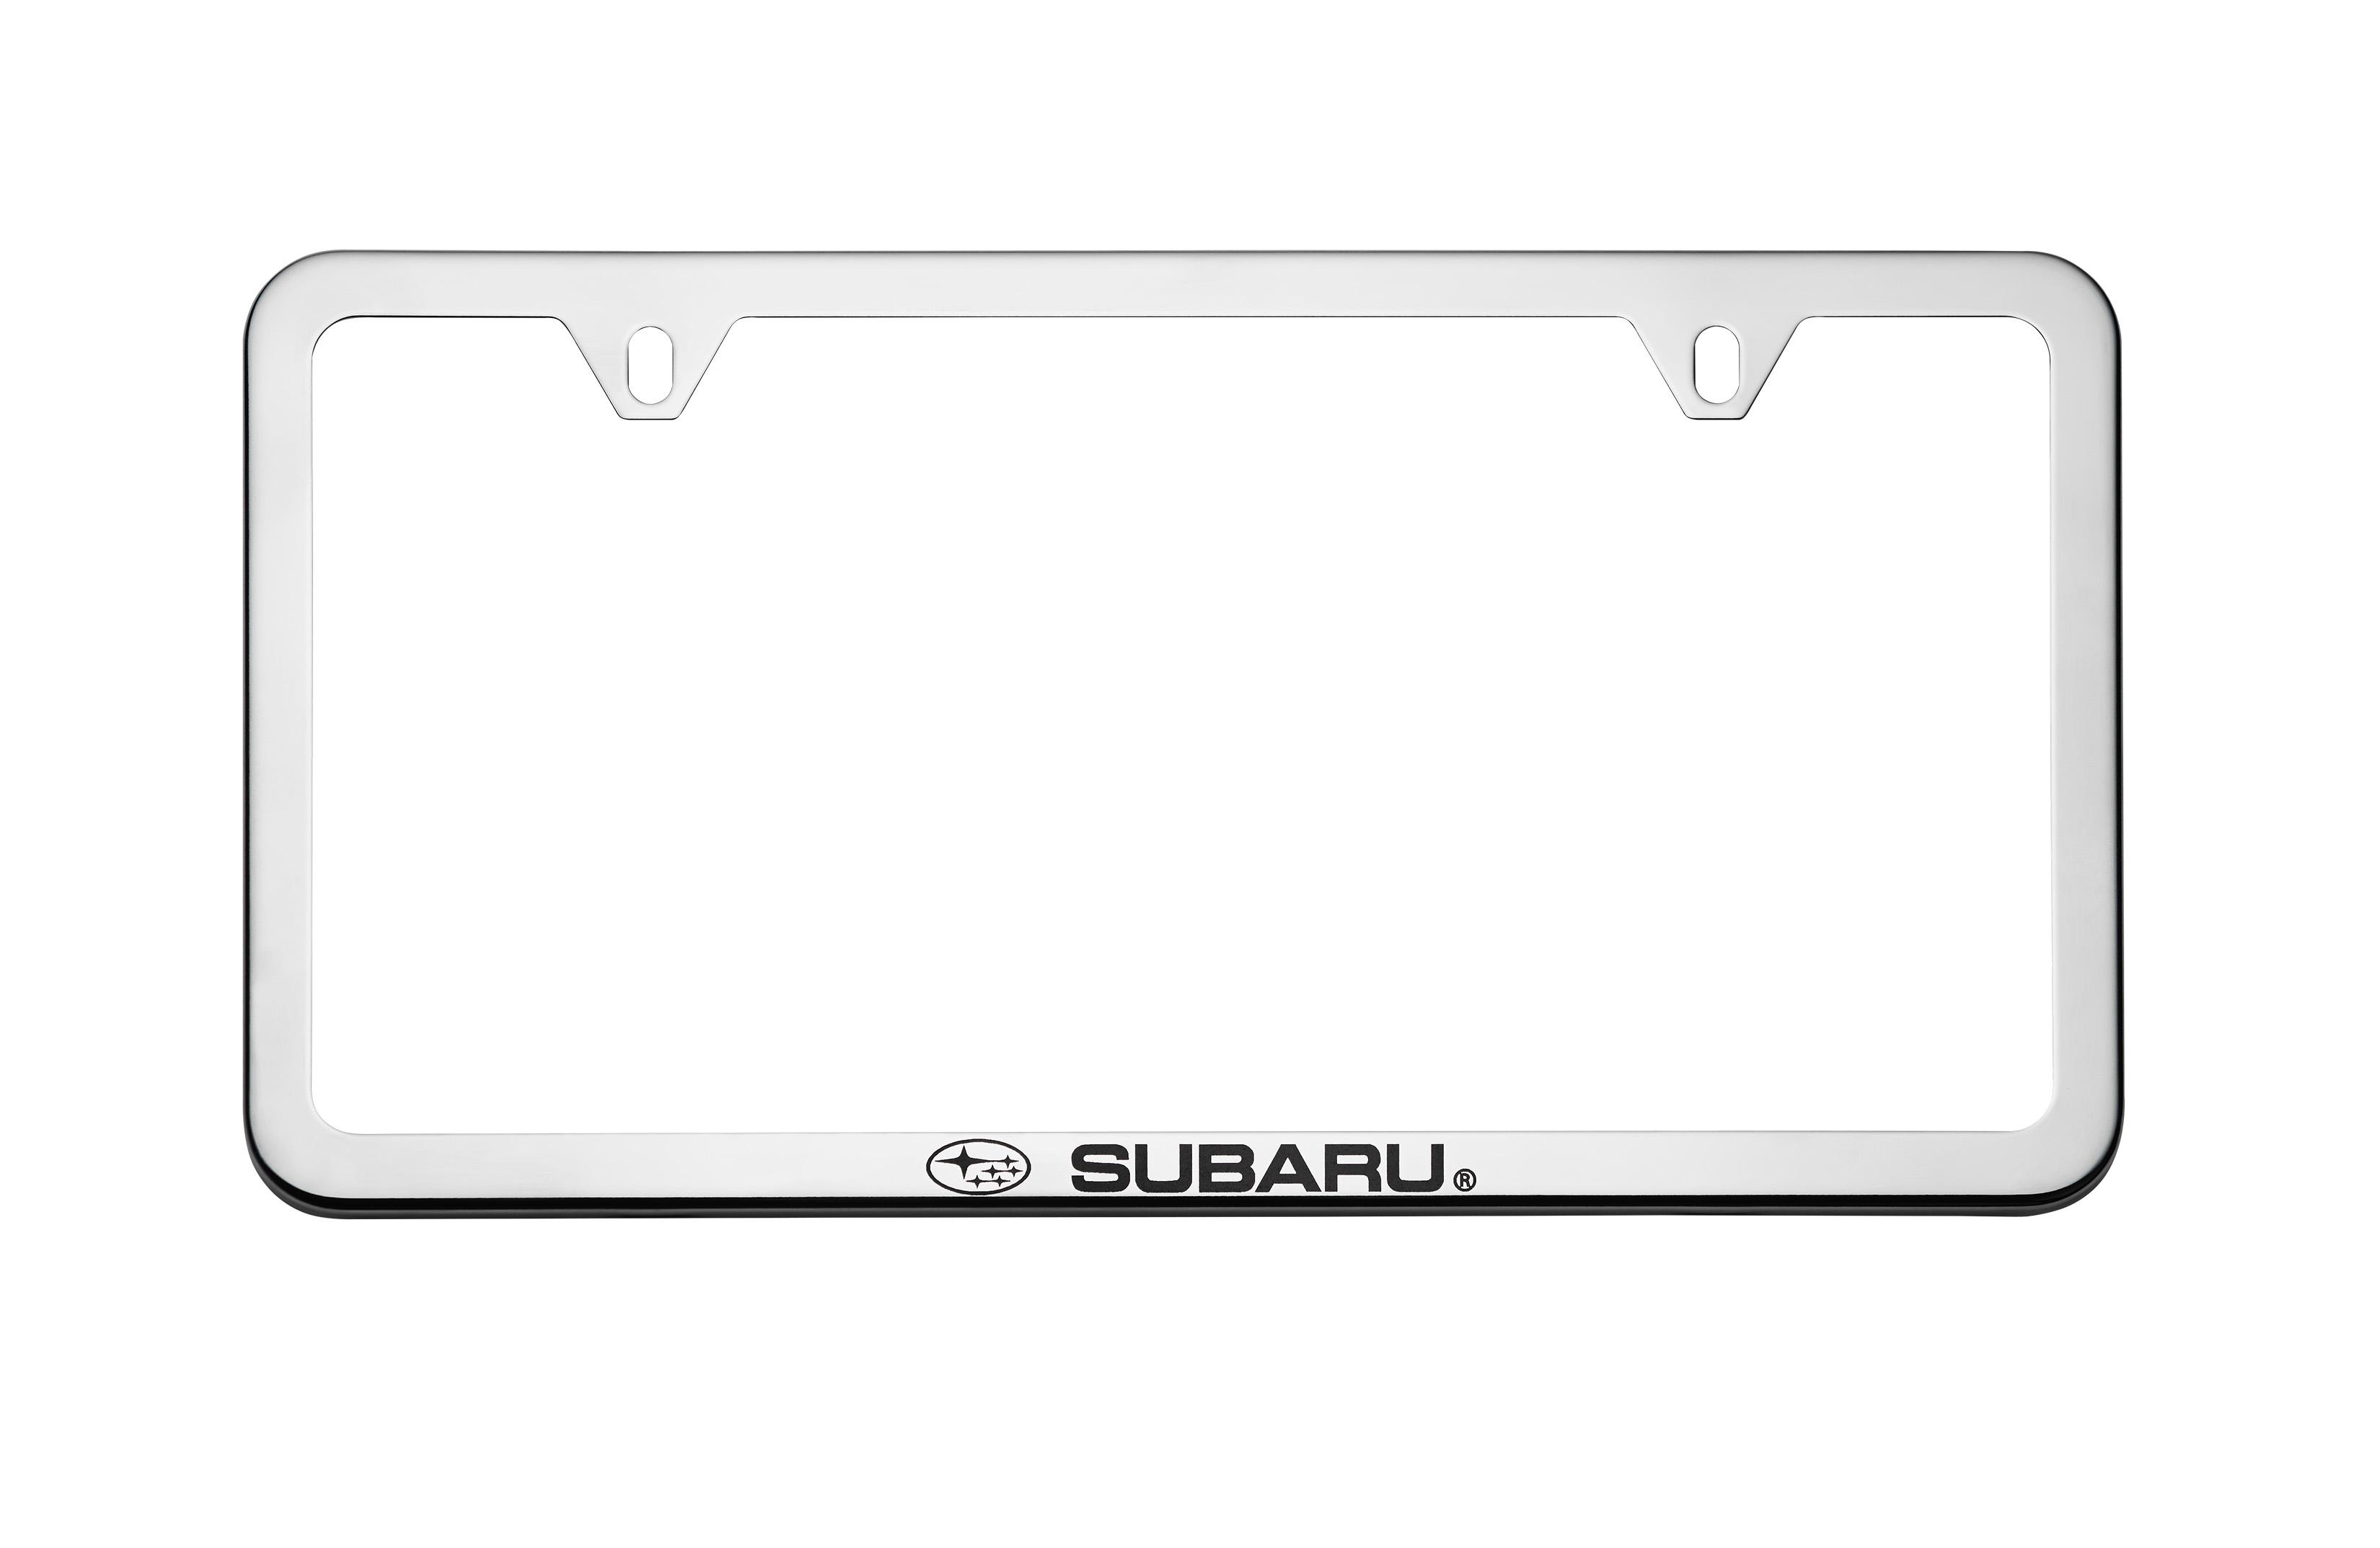 Subaru Sti Subaru License Plate Frame Polished Stainless